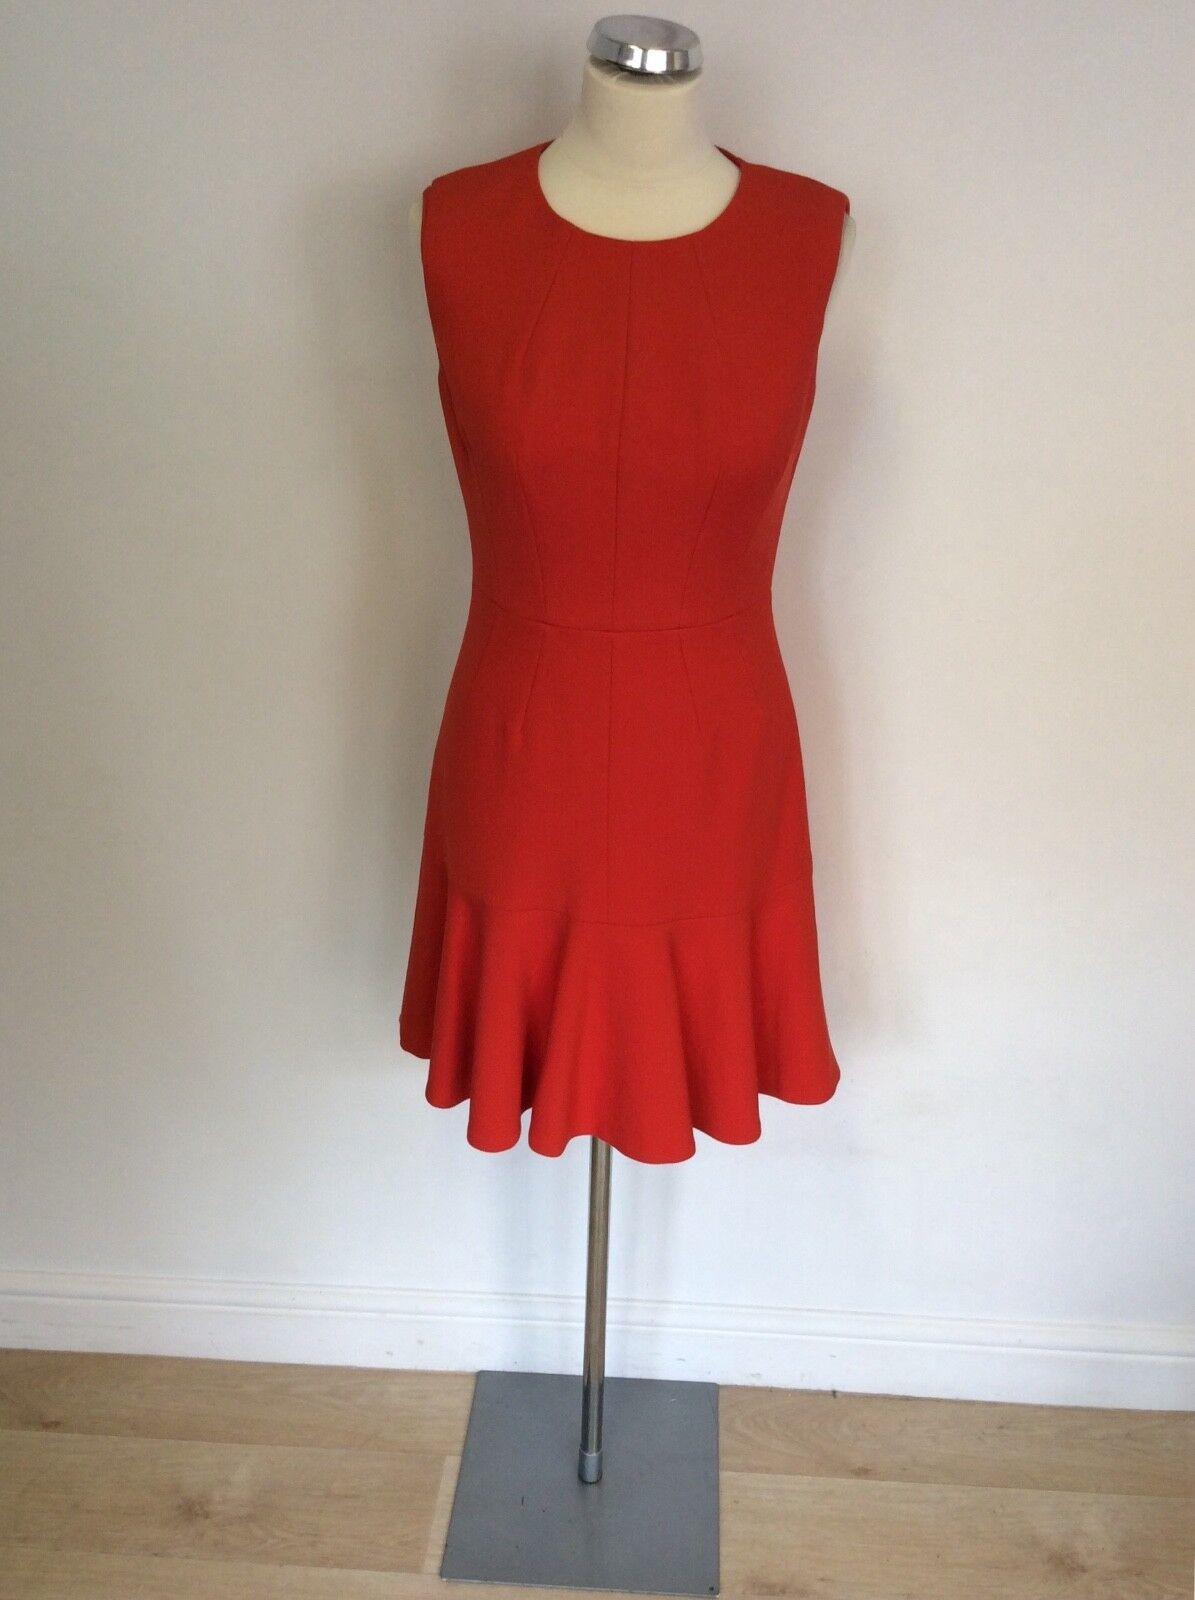 BNWT KAREN MILLEN rot FLIPPY SKIRT DRESS Größe 12 COST